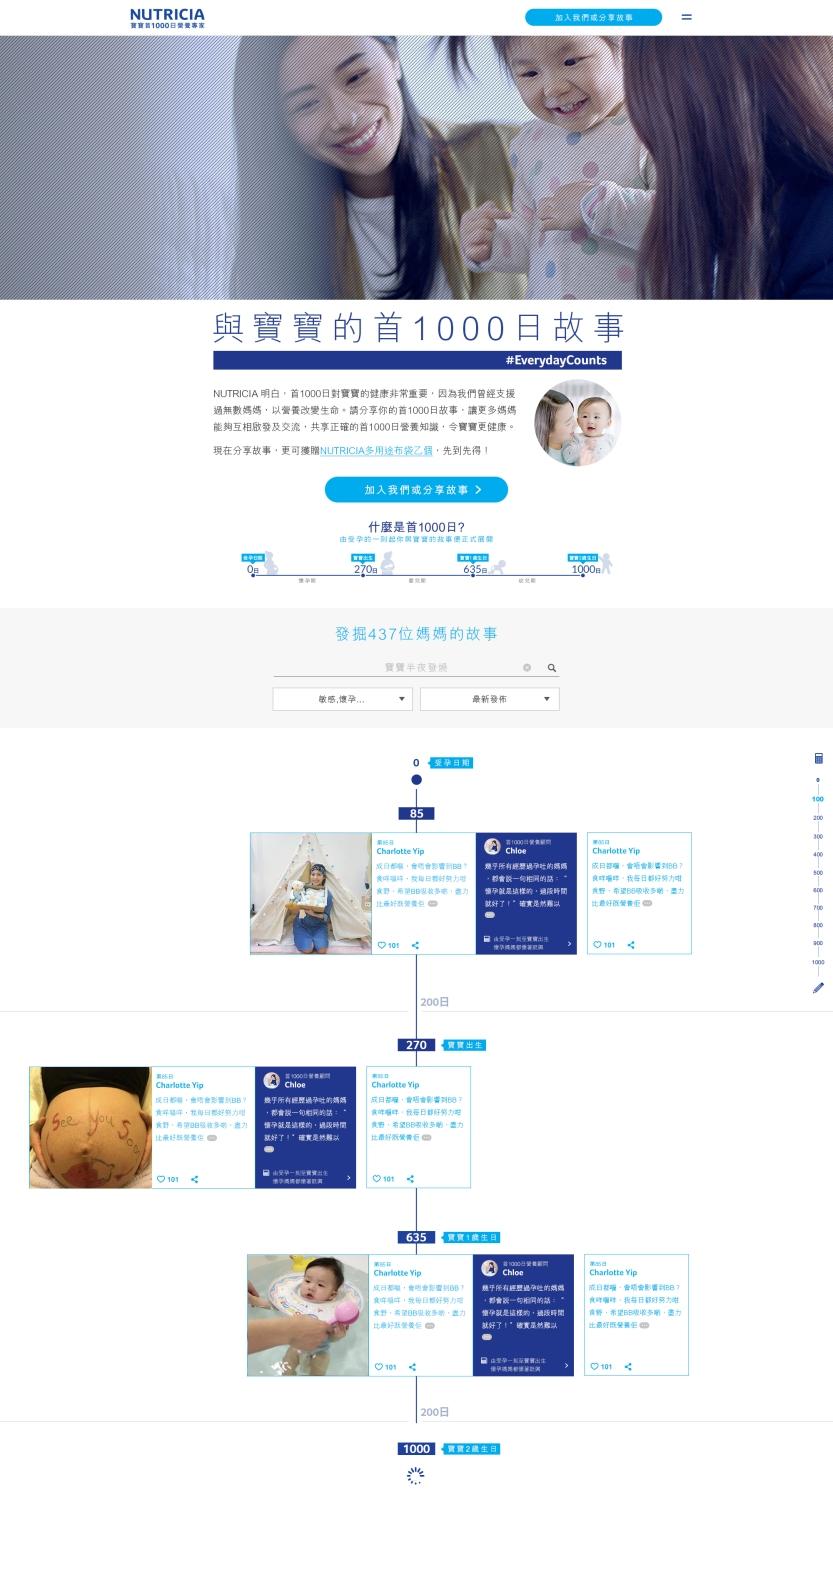 ugc_desktop.jpg